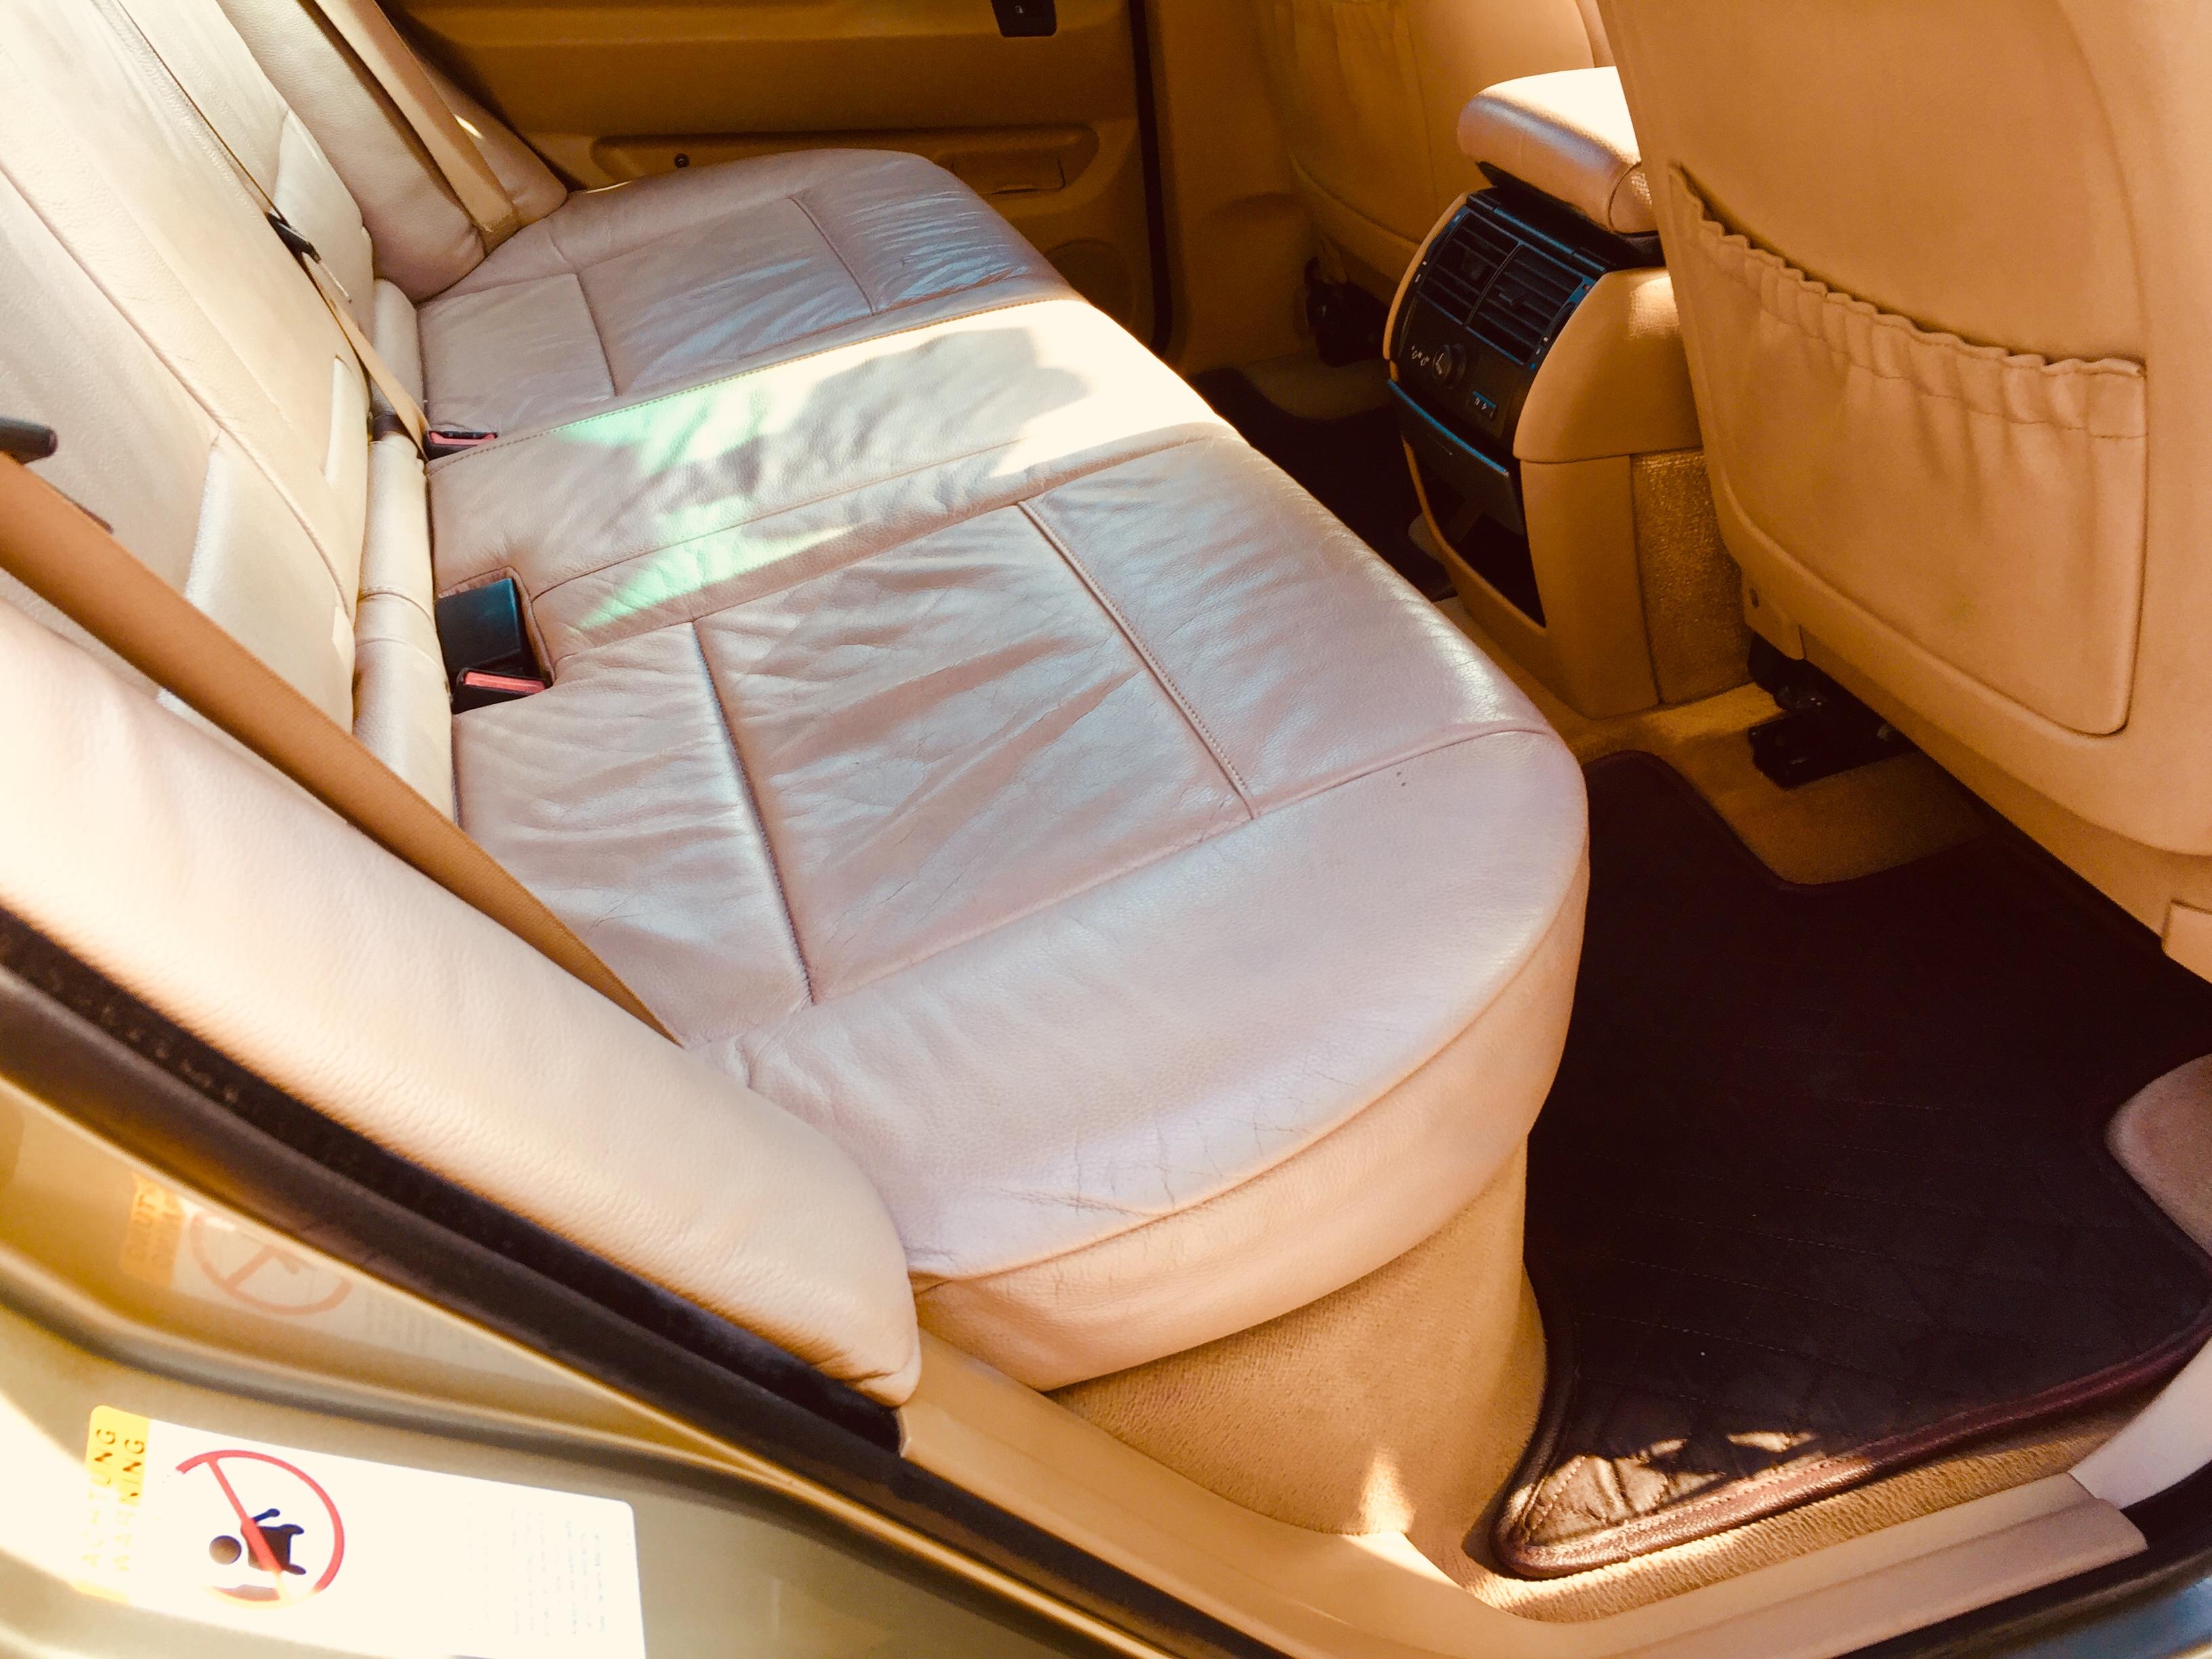 BMW X5 4.4(lt) 2004 İkinci əl  $9600